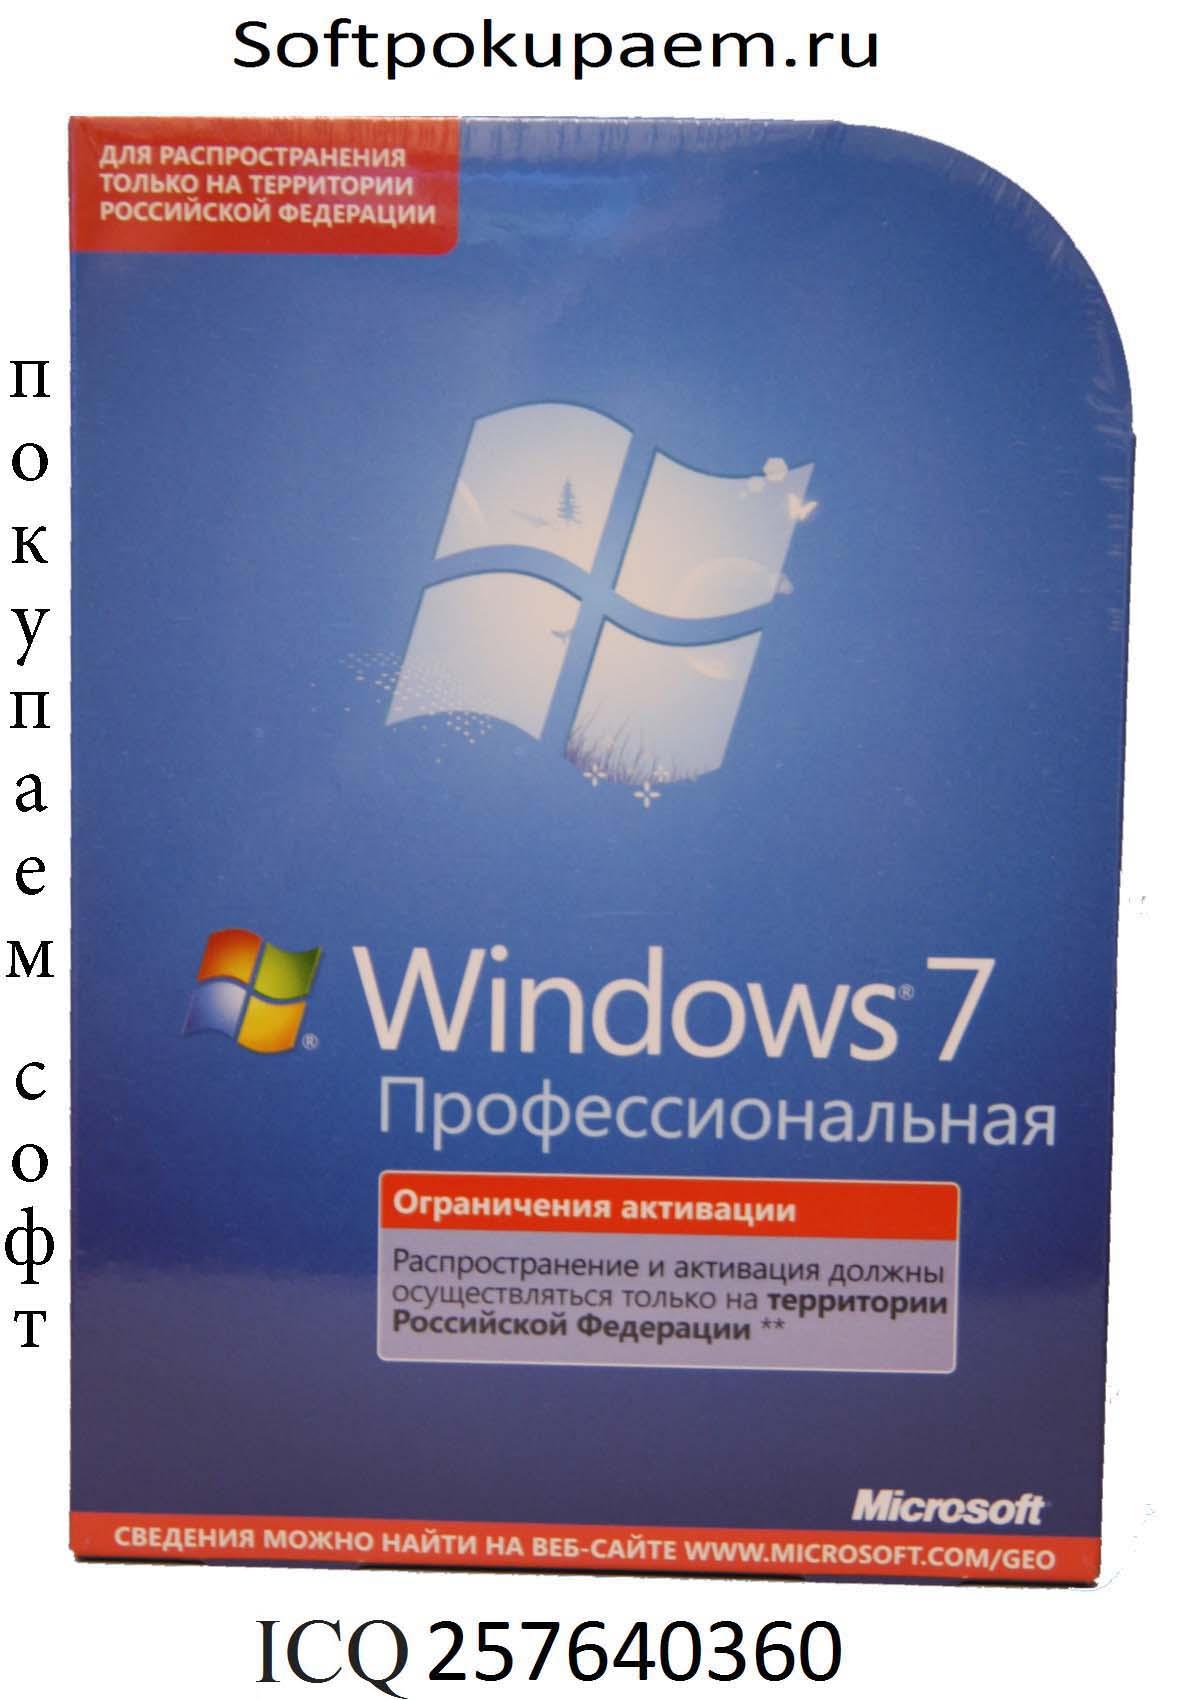 Предлагаем купить у Вас программные продукты от Майкрософт.